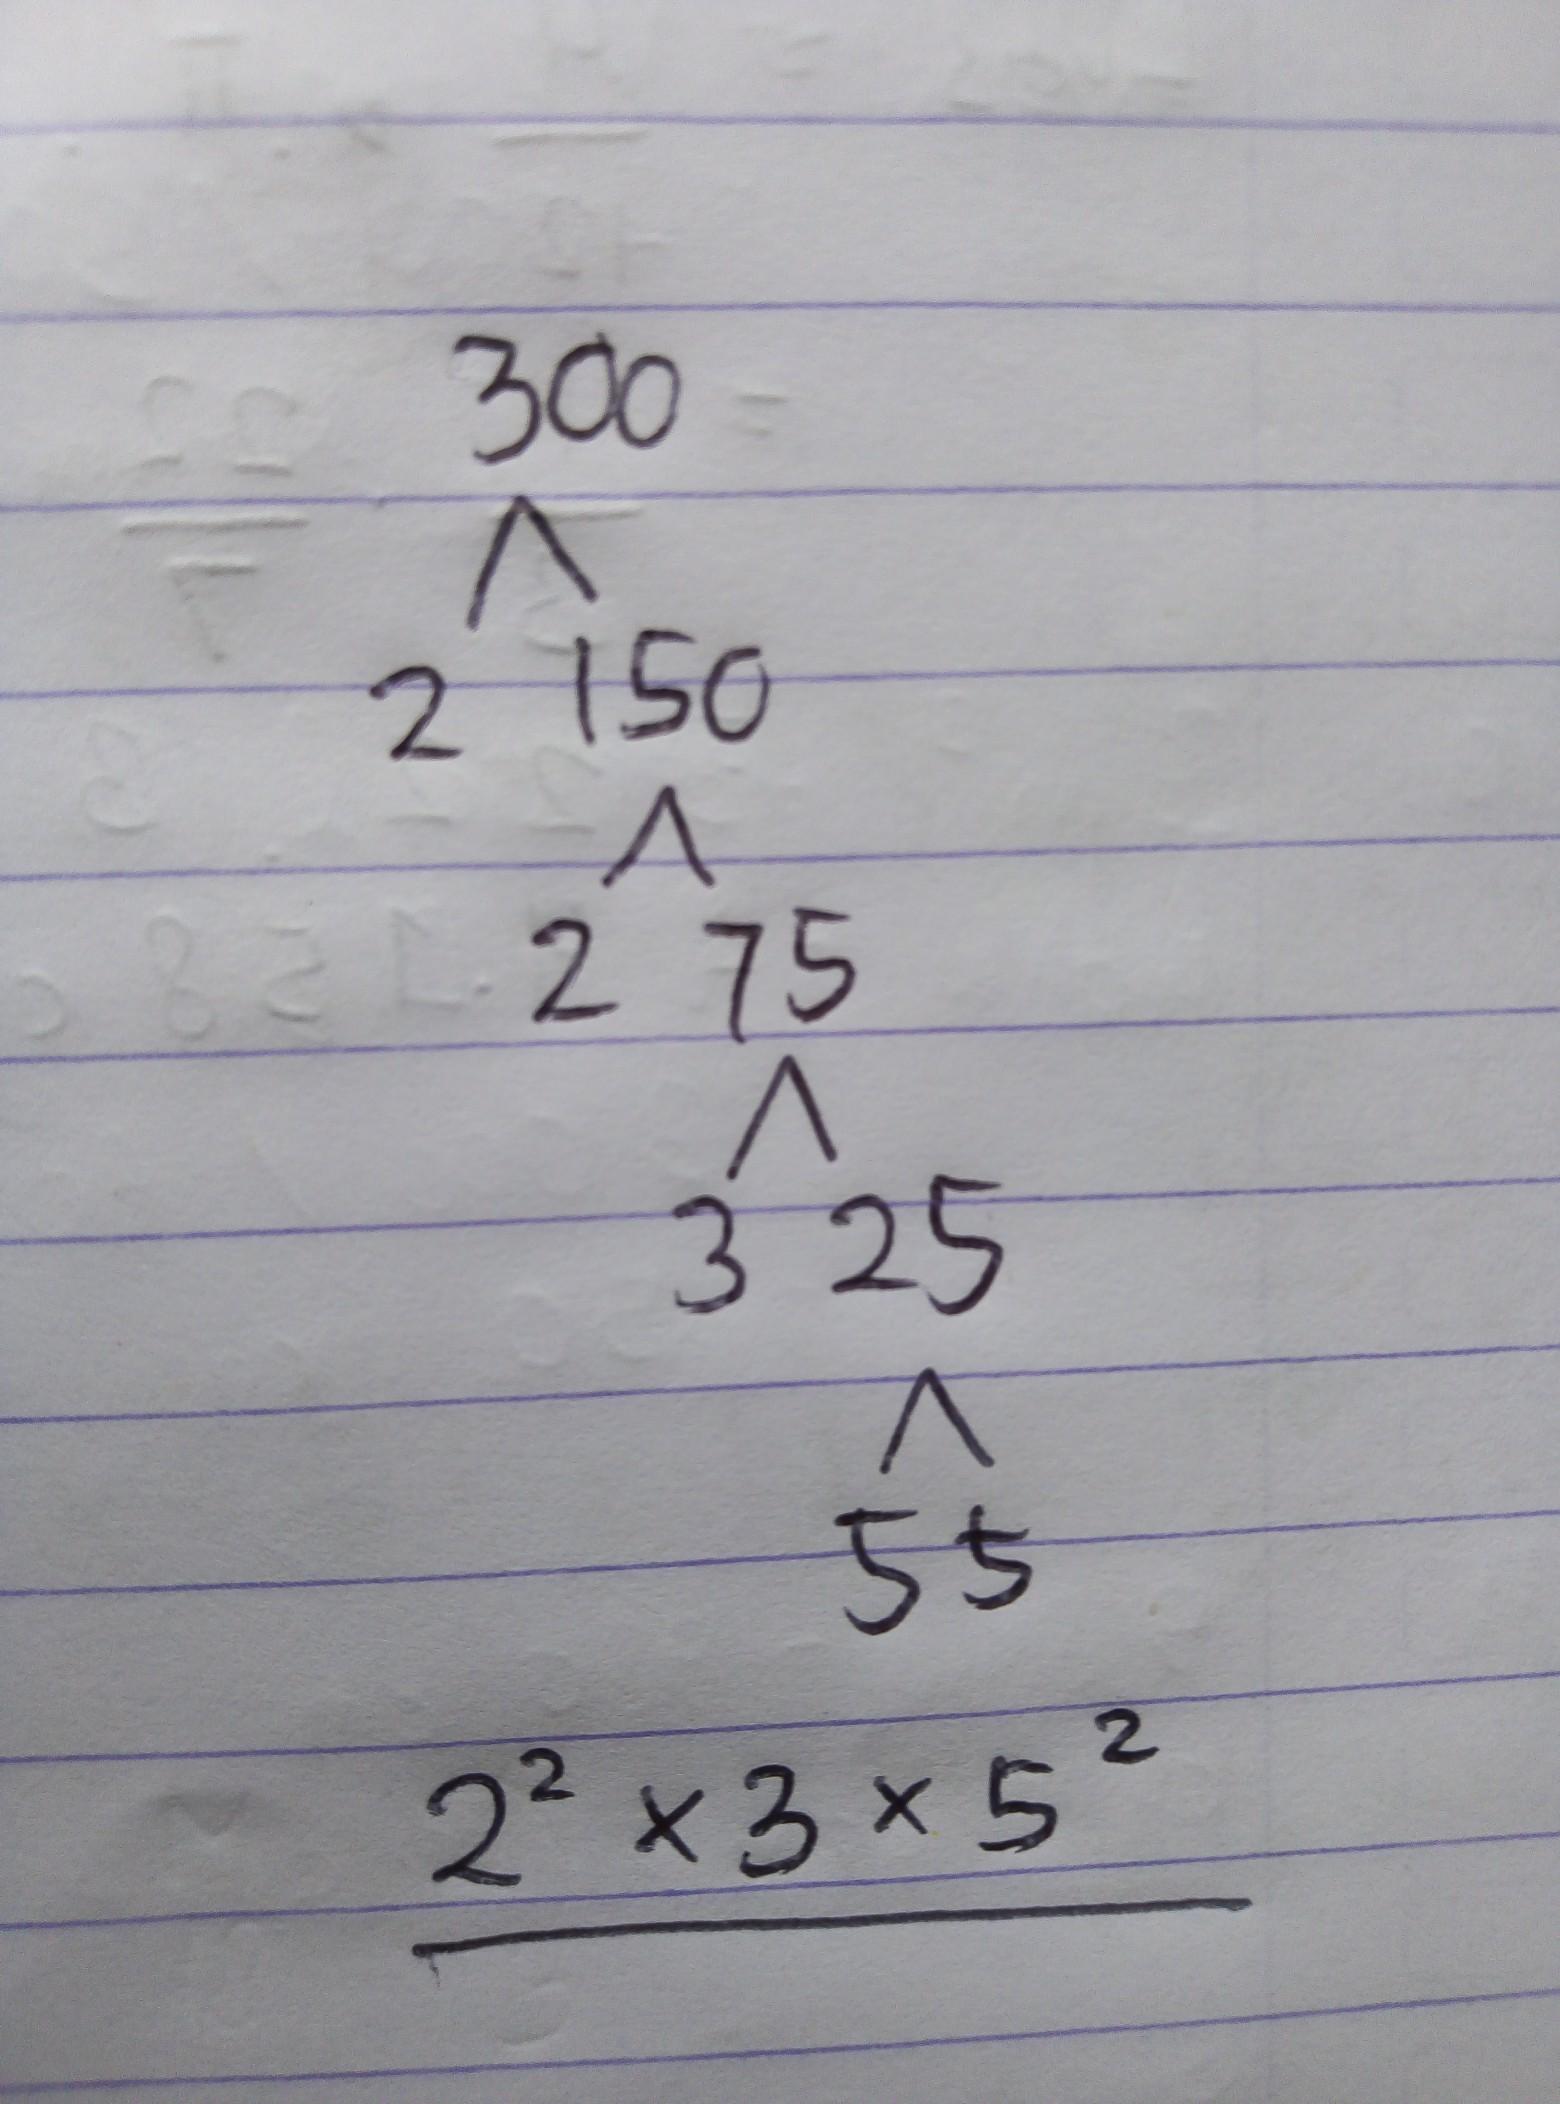 Faktor Prima Dari 300 Adalah : faktor, prima, adalah, Faktor, Prima, Adalah, Brainly.co.id